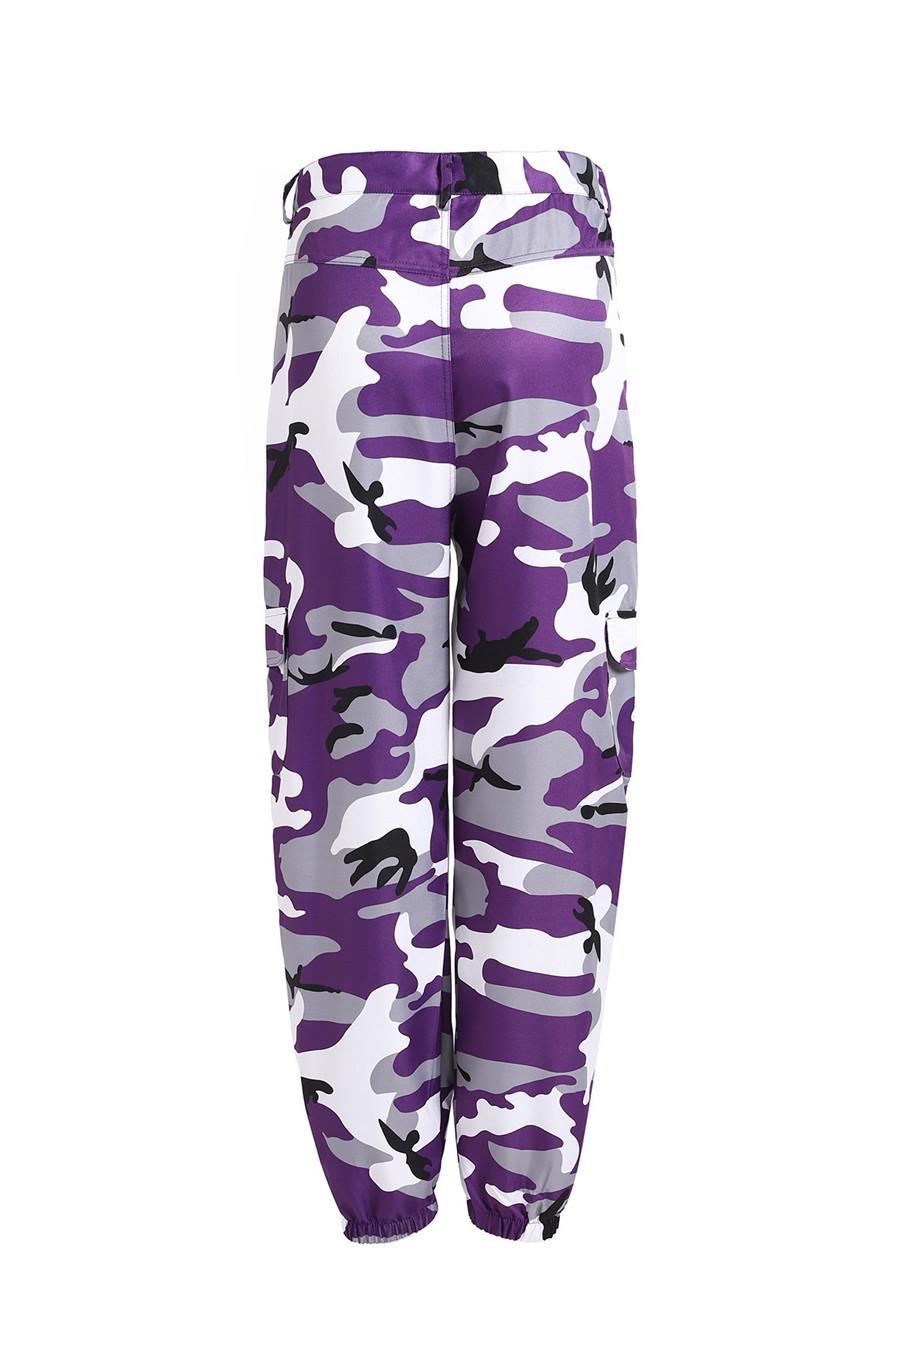 Trendy Mens FashionBoys Skinny pista diritta Zipper pantaloni del denim distrutto jeans strappati Nero Bianco Rosso jeans vendita calda # 906